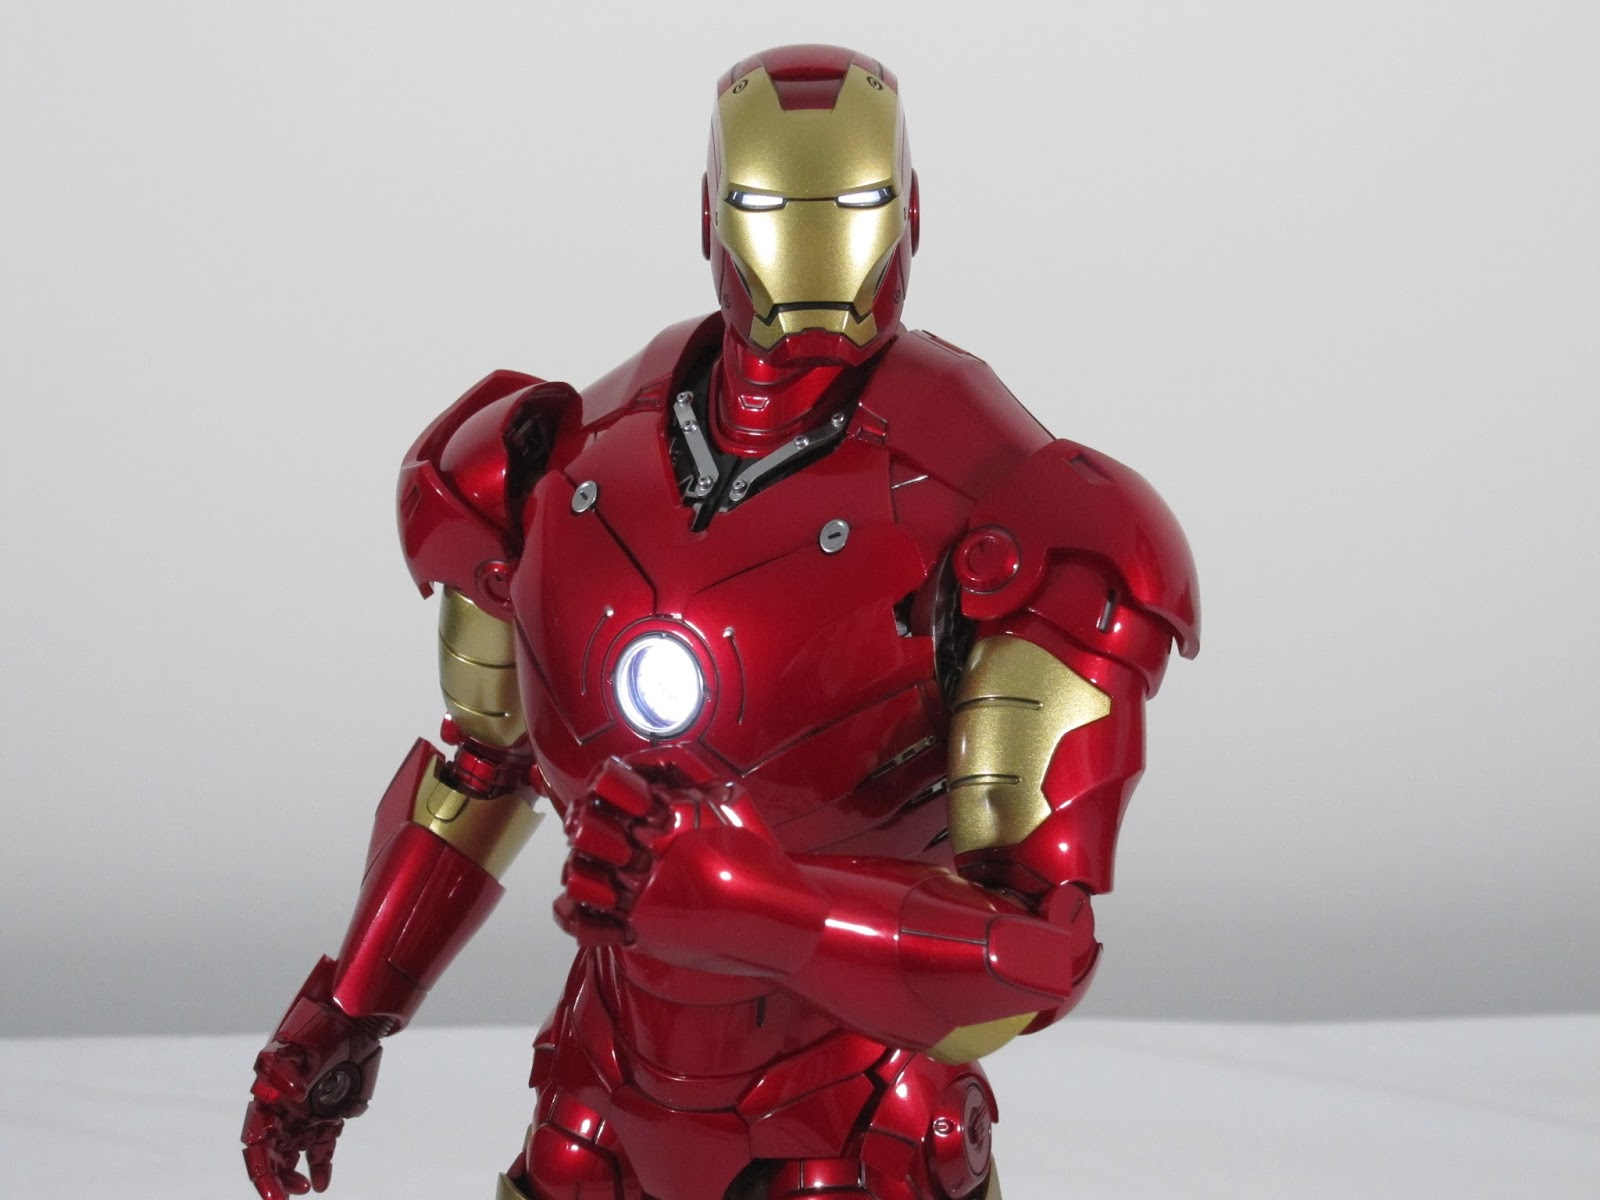 Kool Kollectibles: Hot Toys MMS256-D07 Iron Man Mark 3